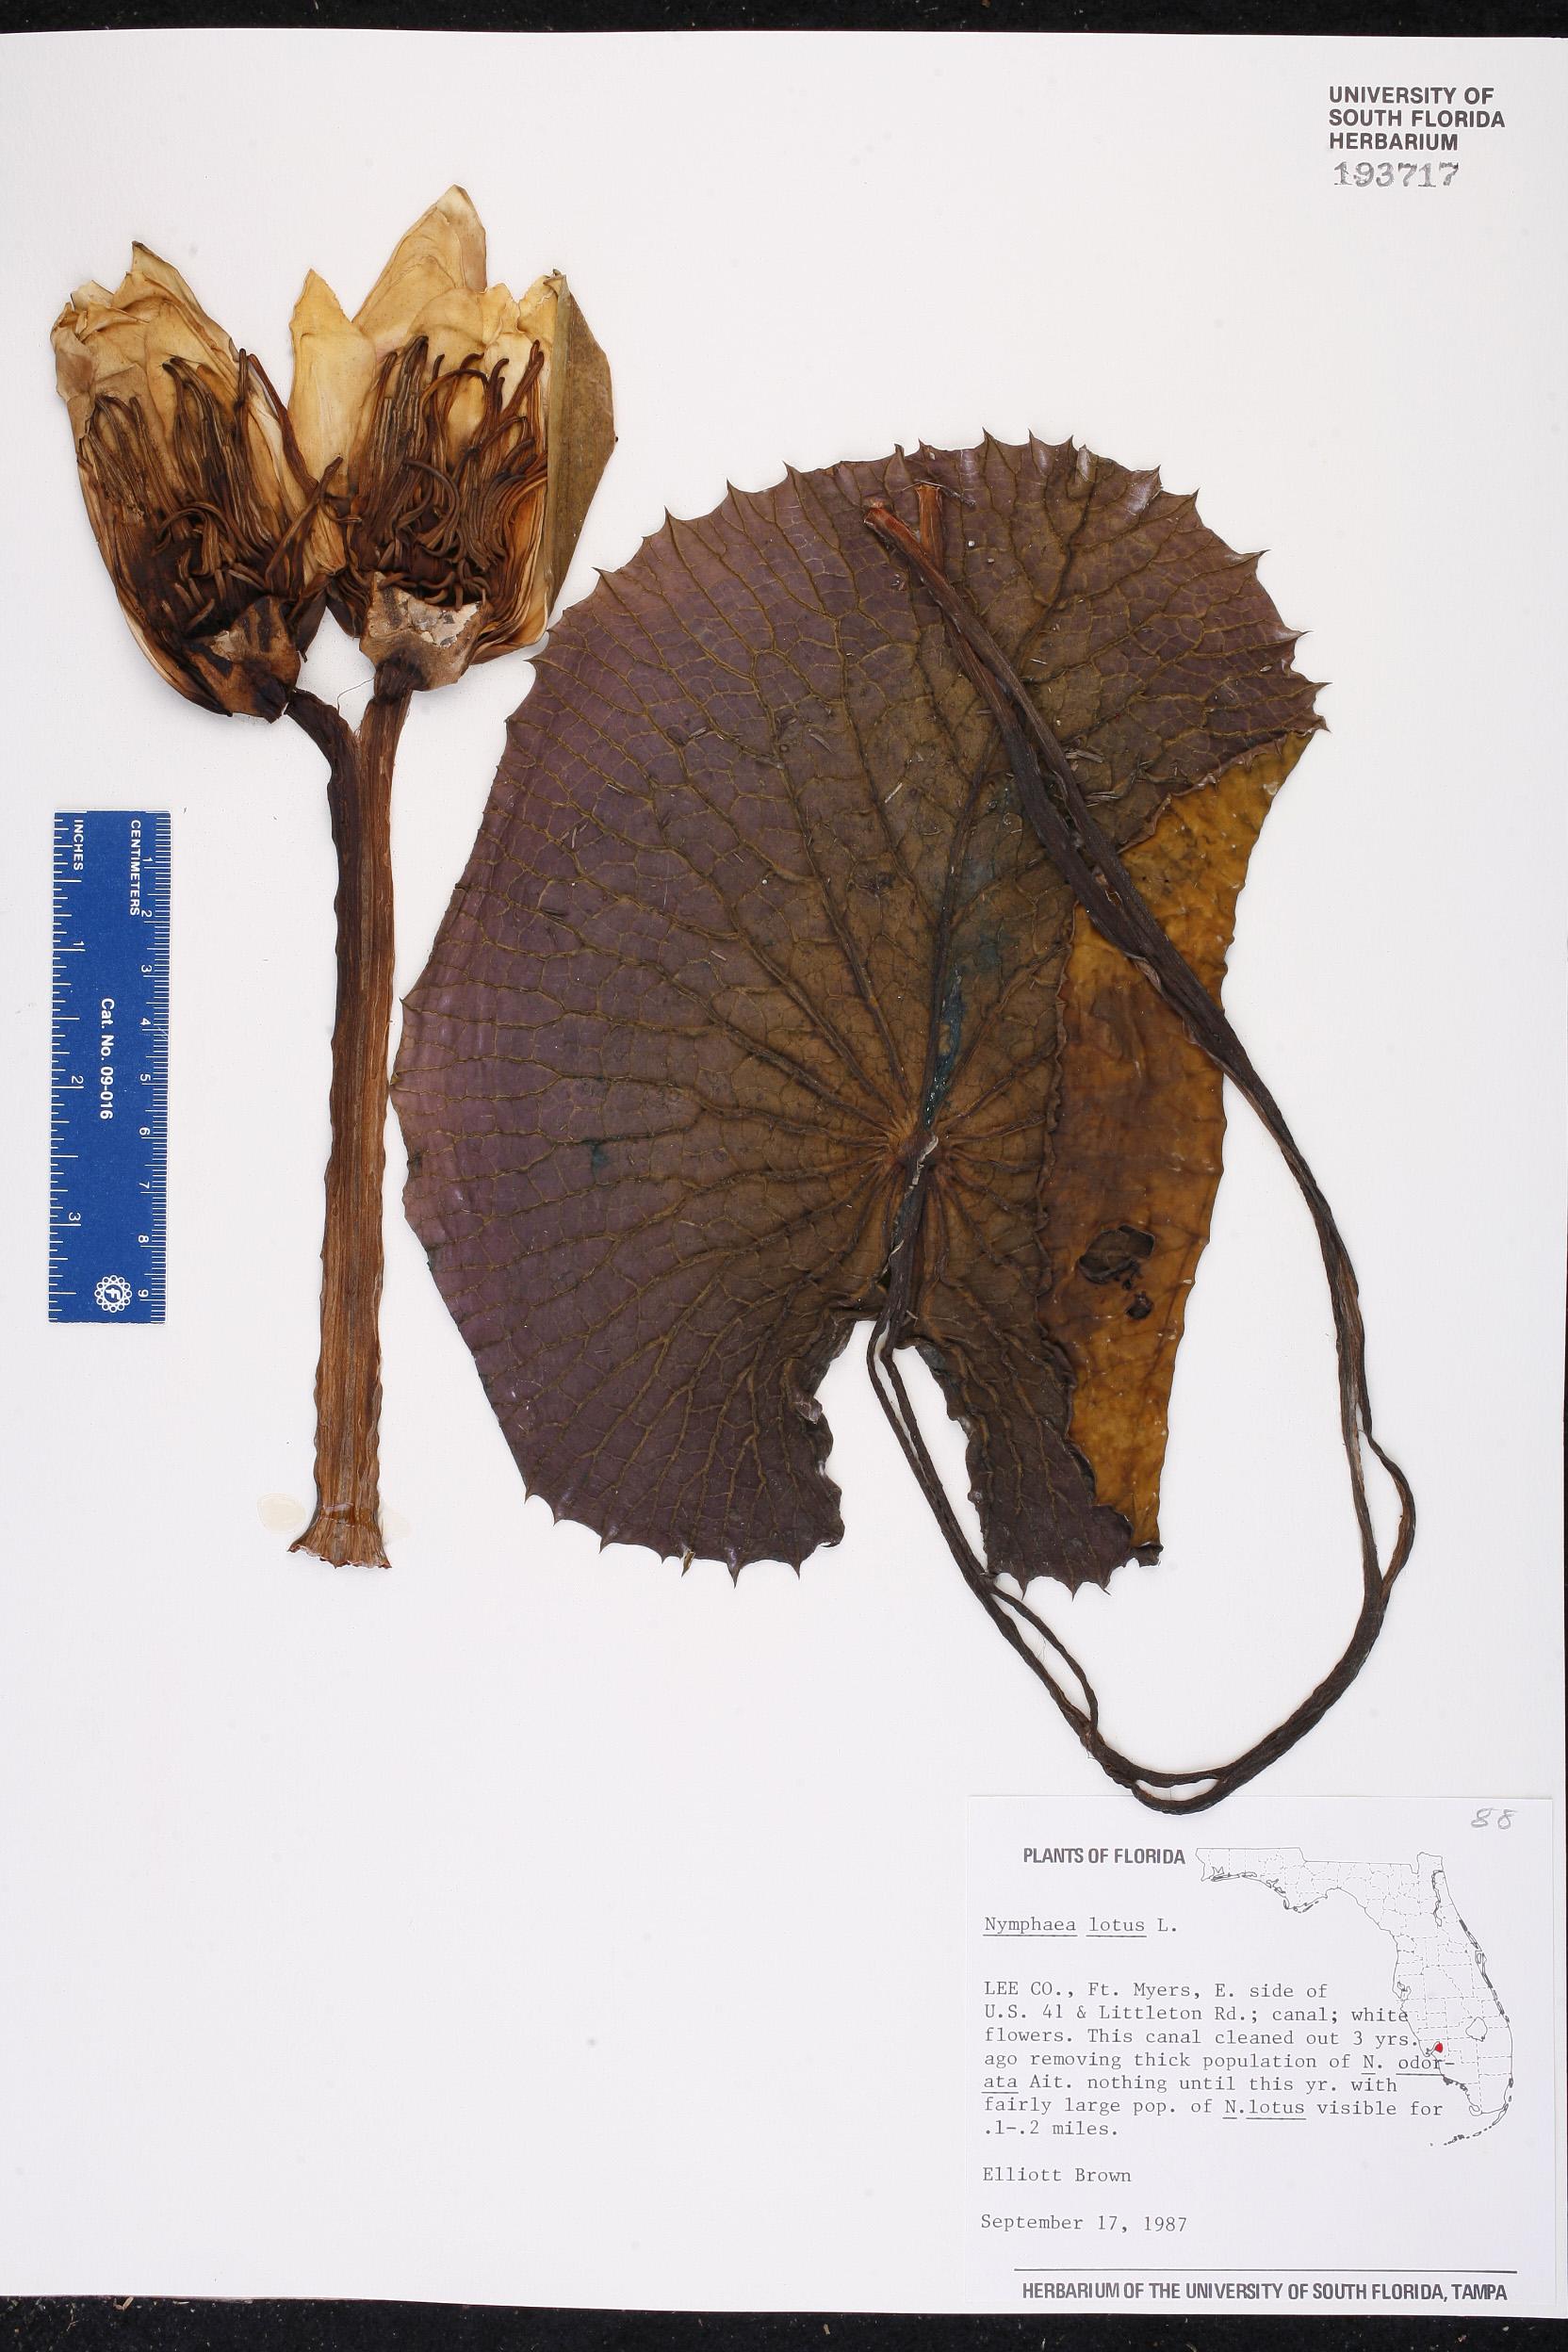 Nymphaea lotus image